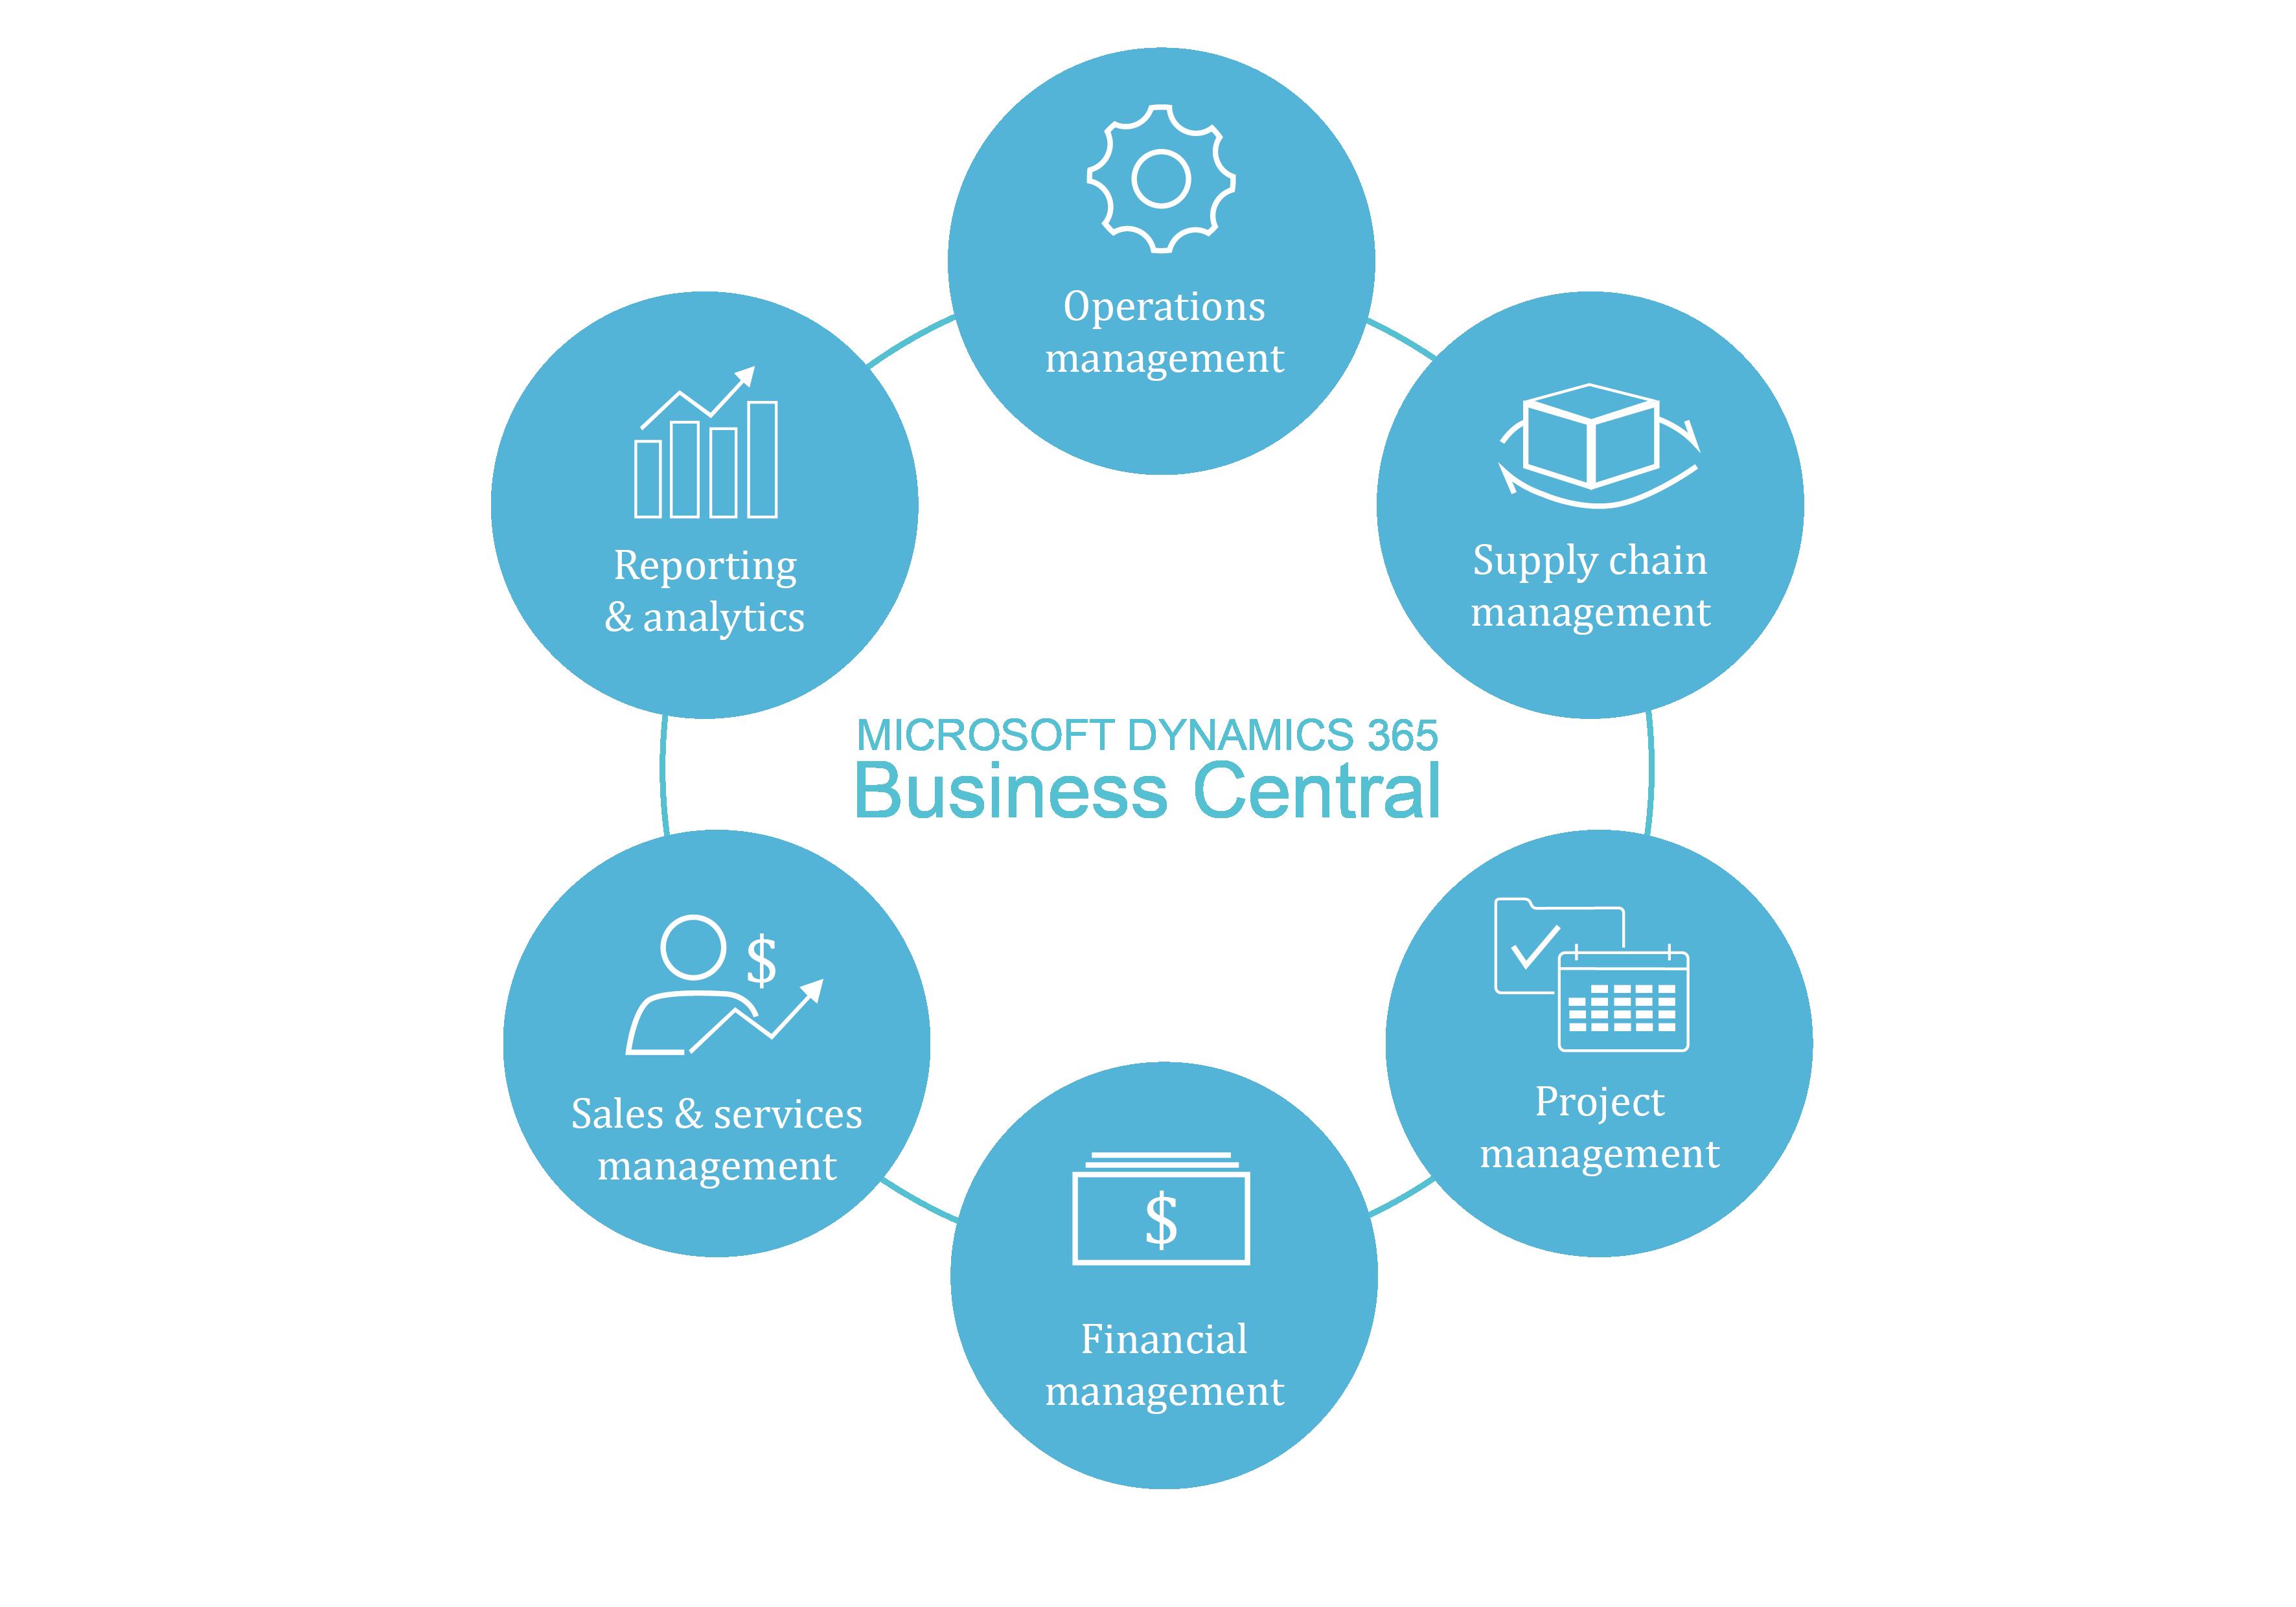 Microsoft Dynamics 365 Business Central sammenkædning af økonomi, salg, service og drift.